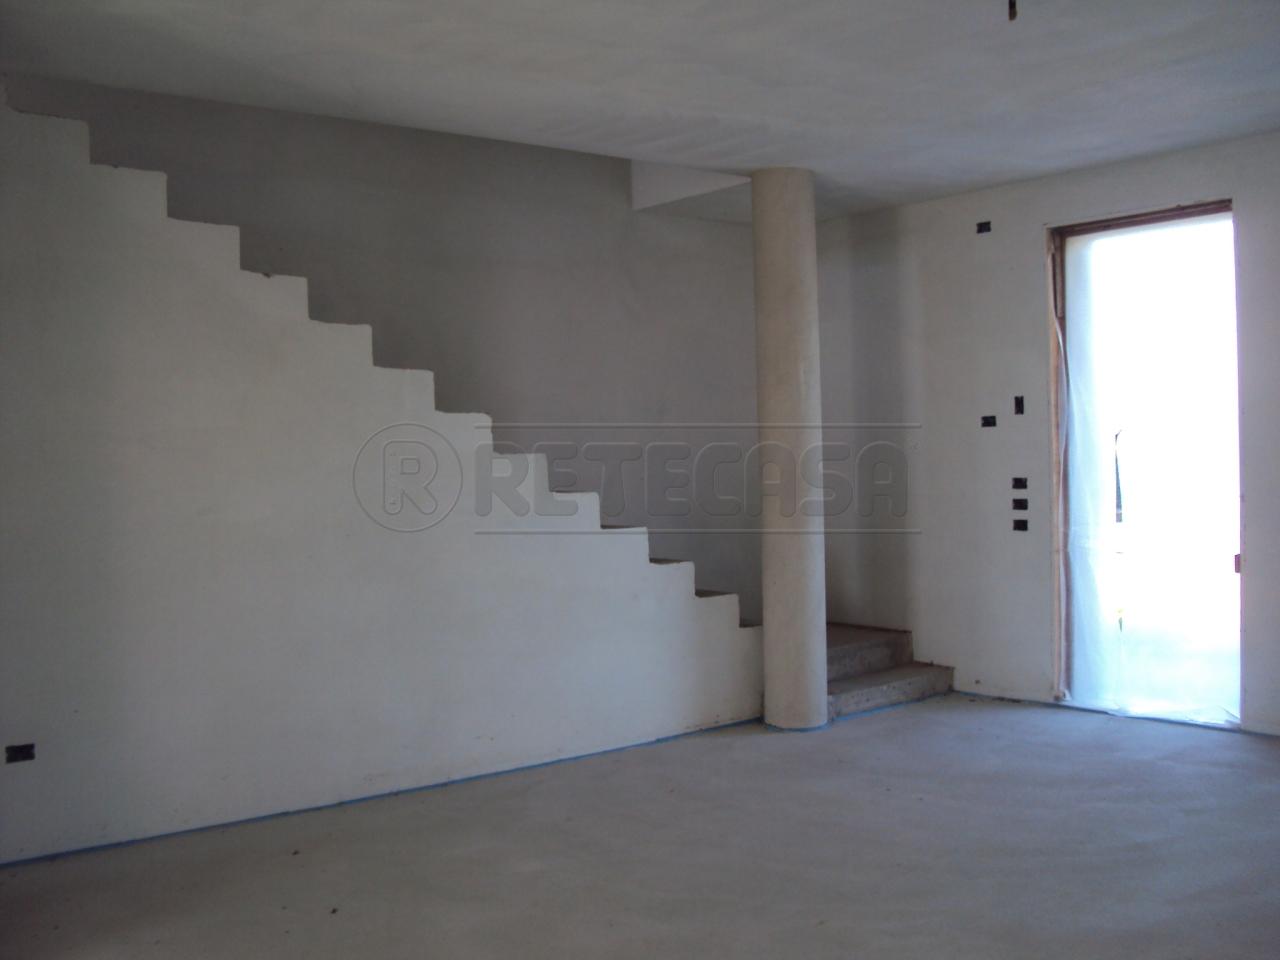 Soluzione Semindipendente in vendita a Campodarsego, 9999 locali, prezzo € 240.000 | Cambio Casa.it